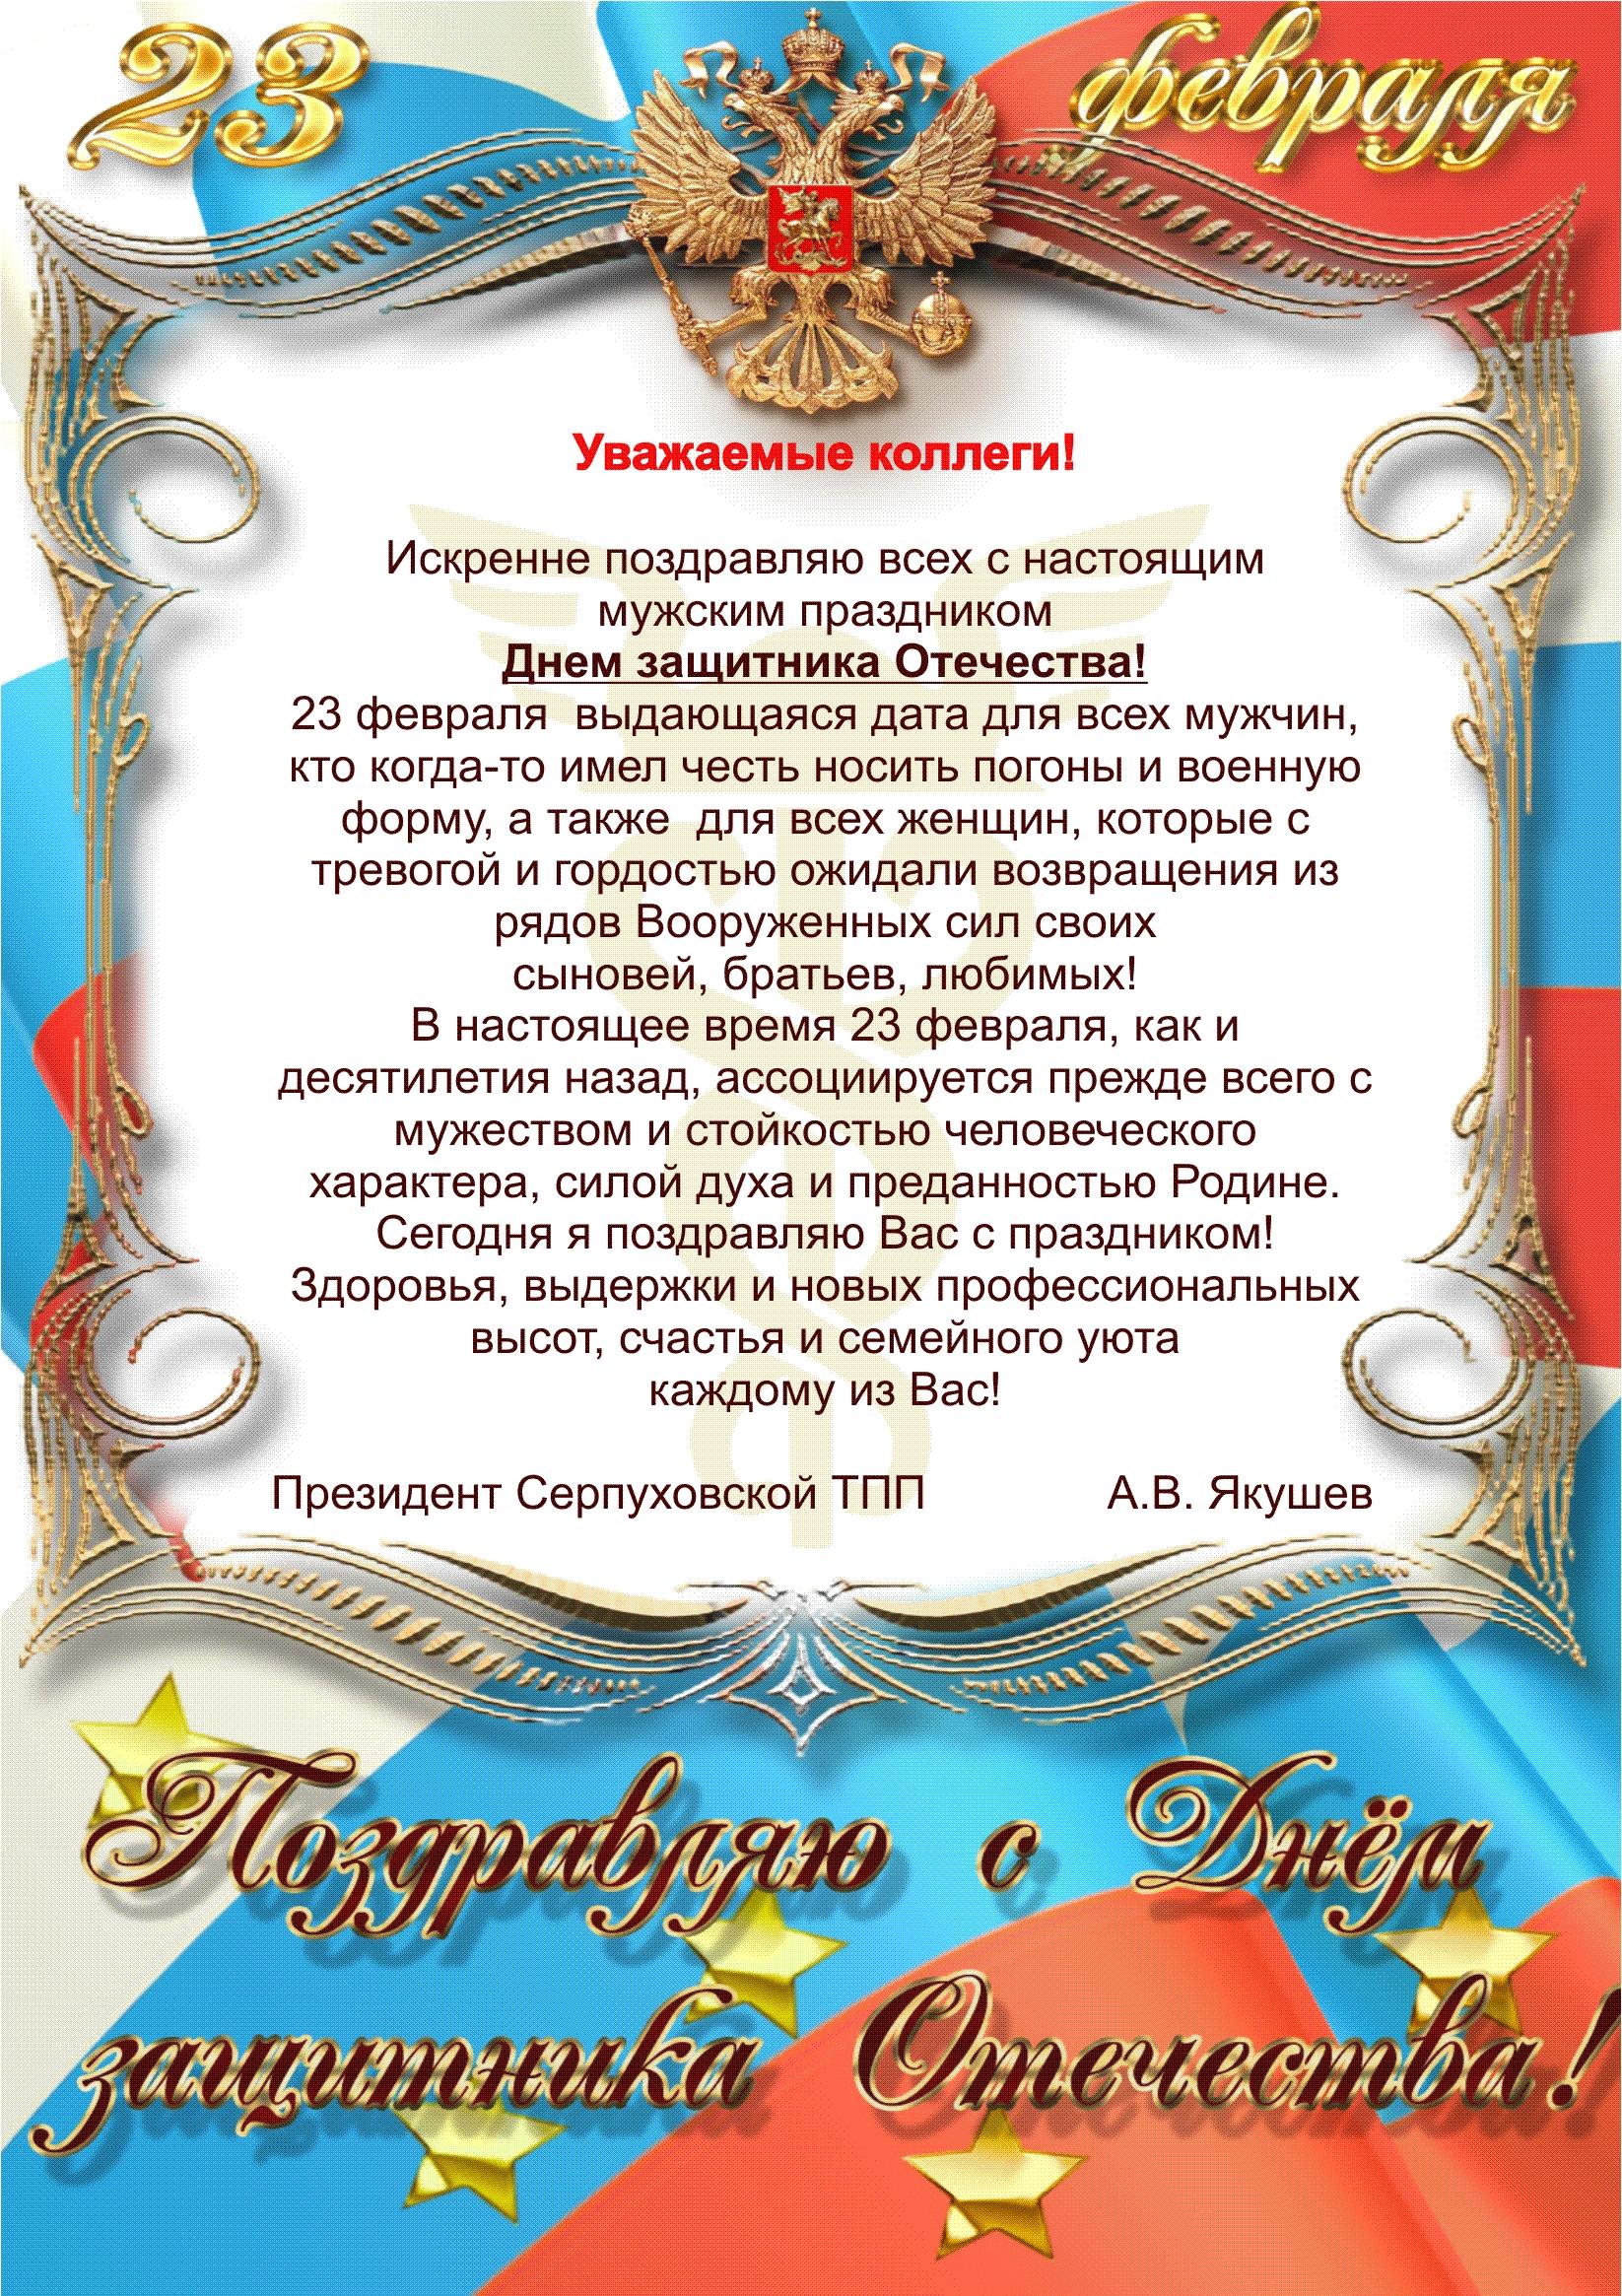 поздравление 23 февраля (1)